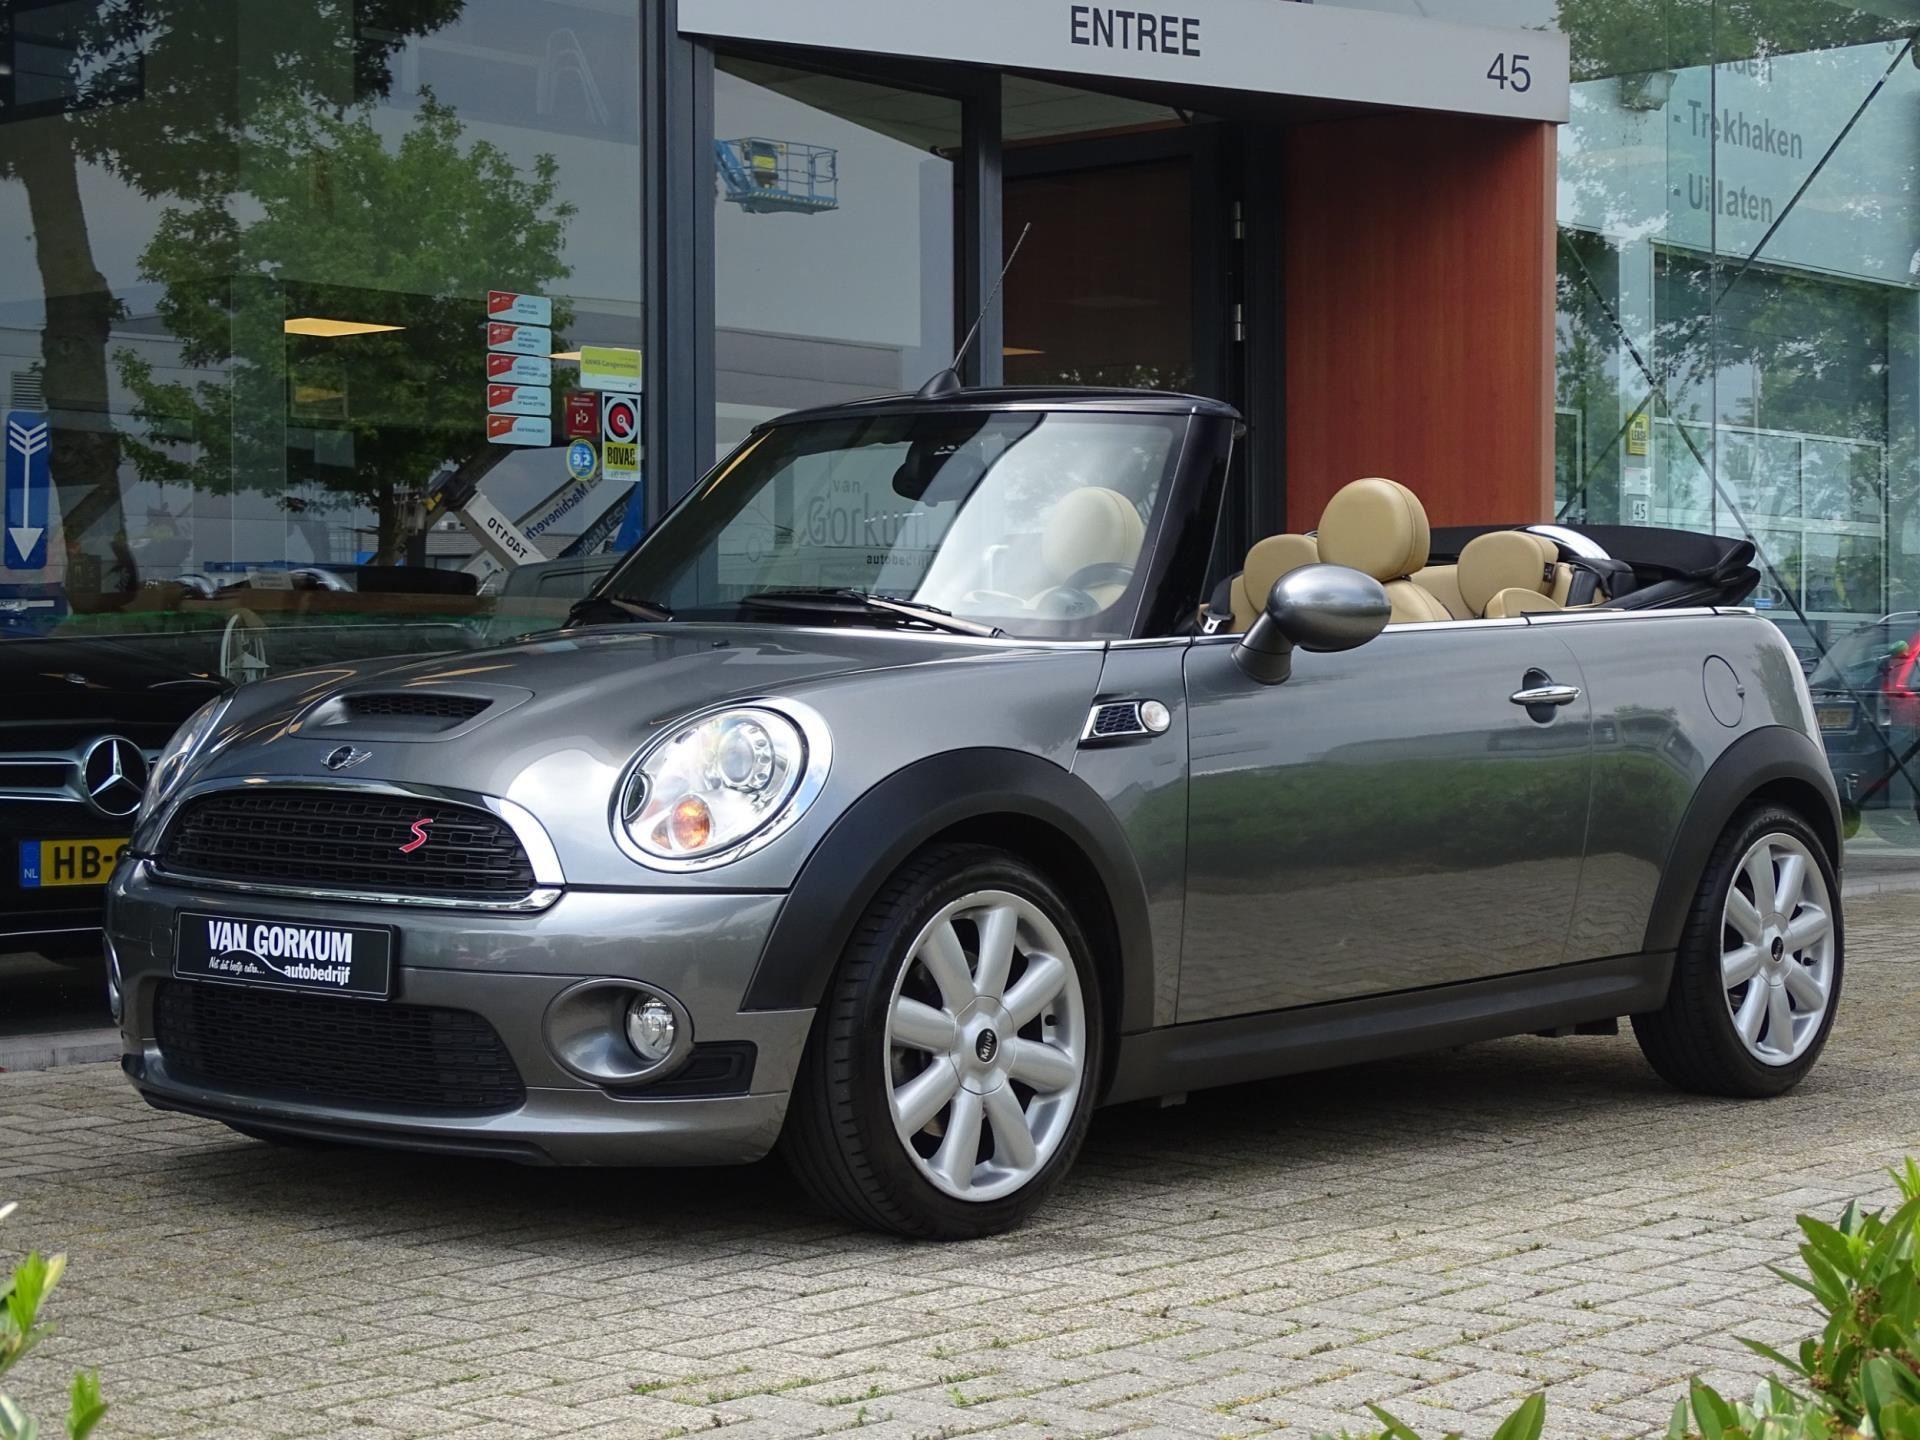 Mini Mini Cabrio occasion - Autobedrijf van Gorkum